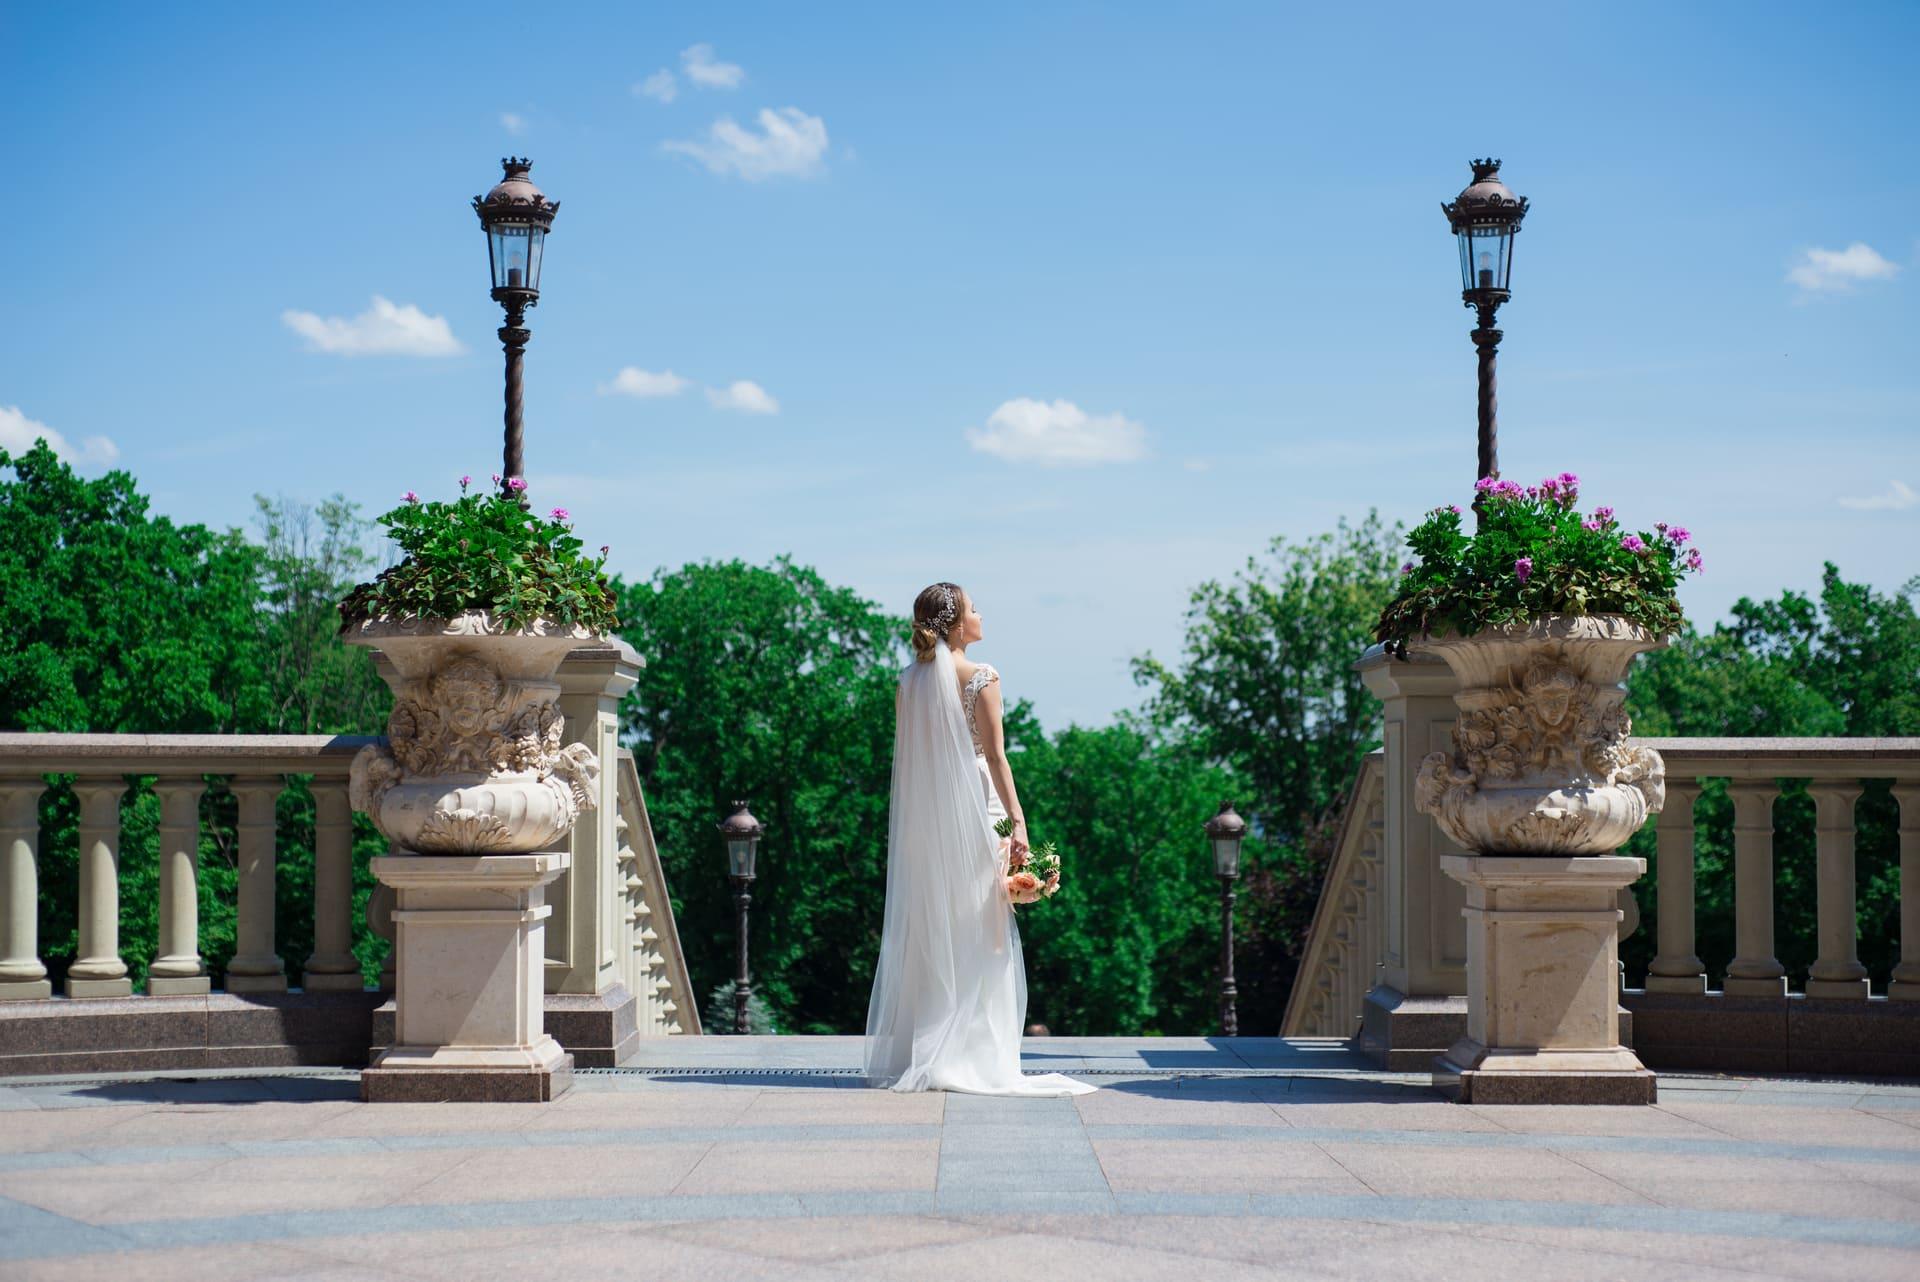 Свадебная фотосессия в Межигорье: Невеста позирует возле фонарей